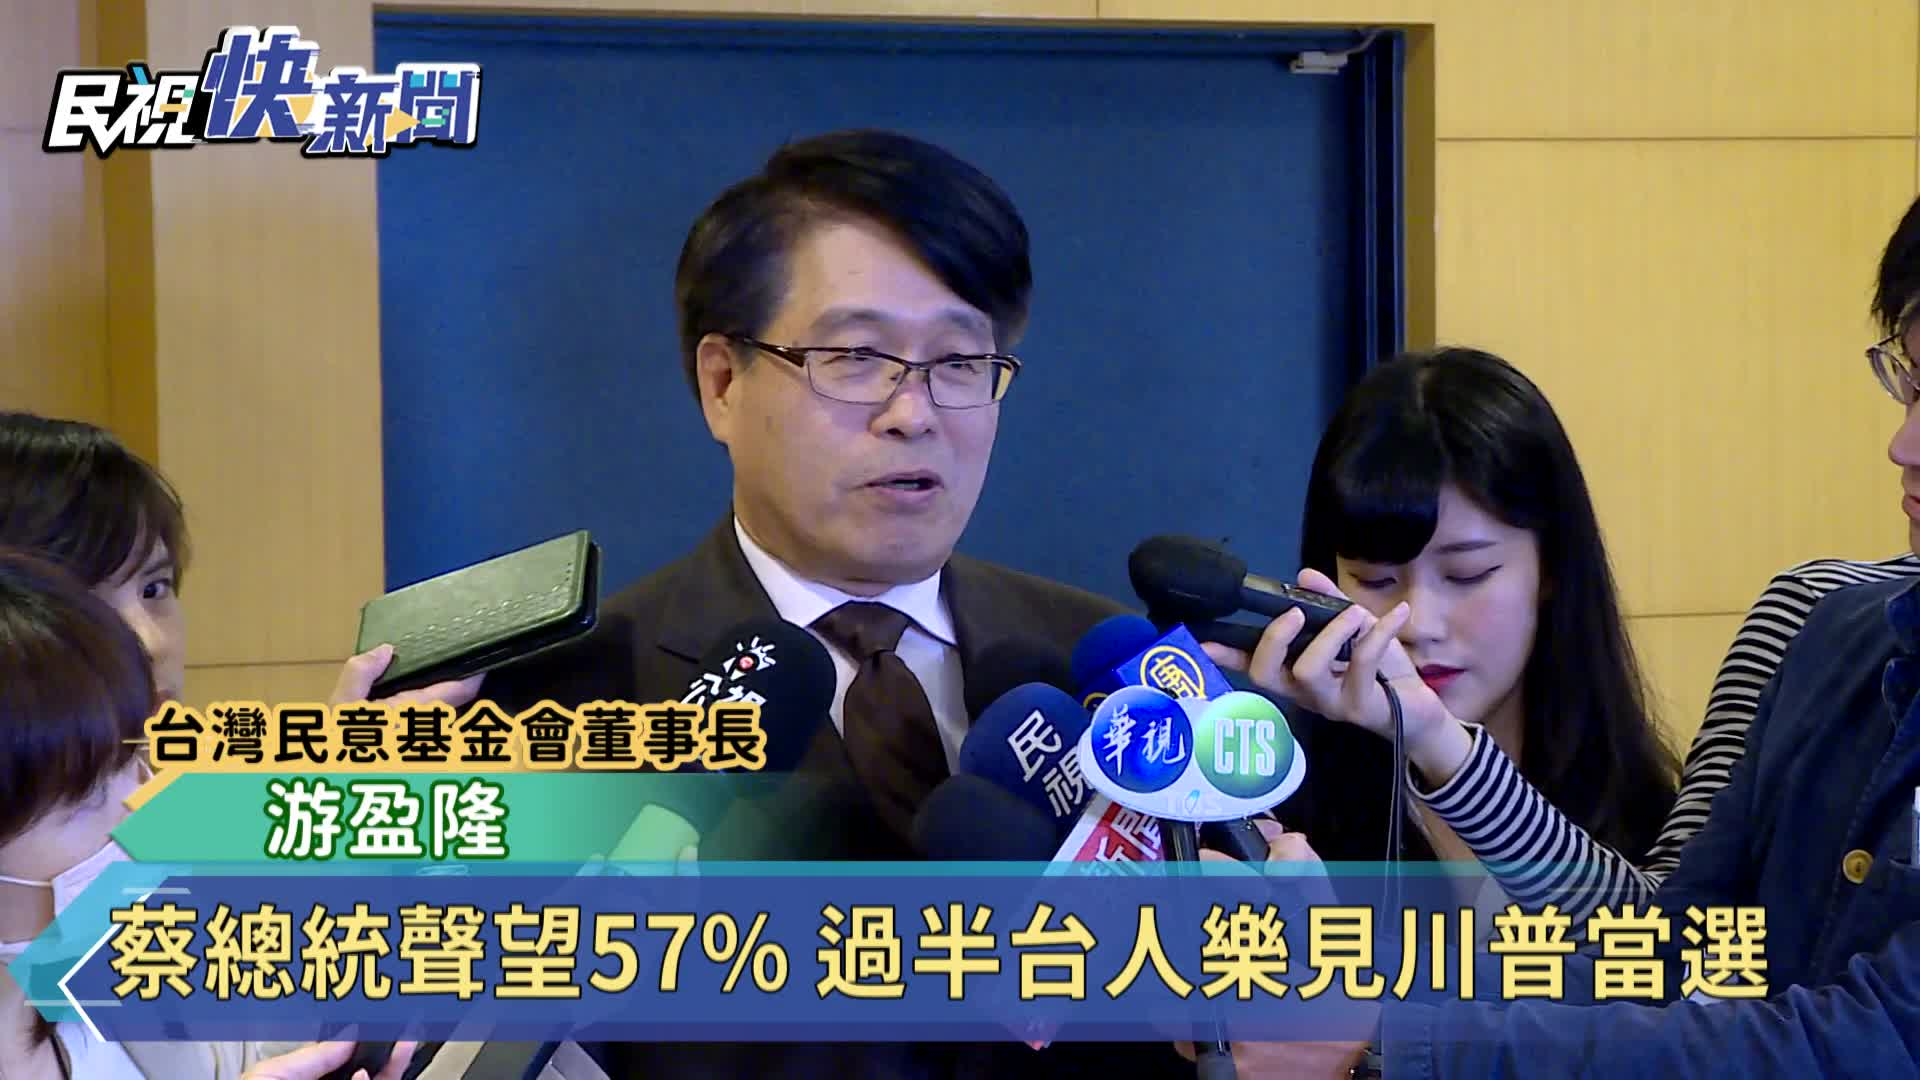 蔡總統聲望57% 過半台人樂見川普當選